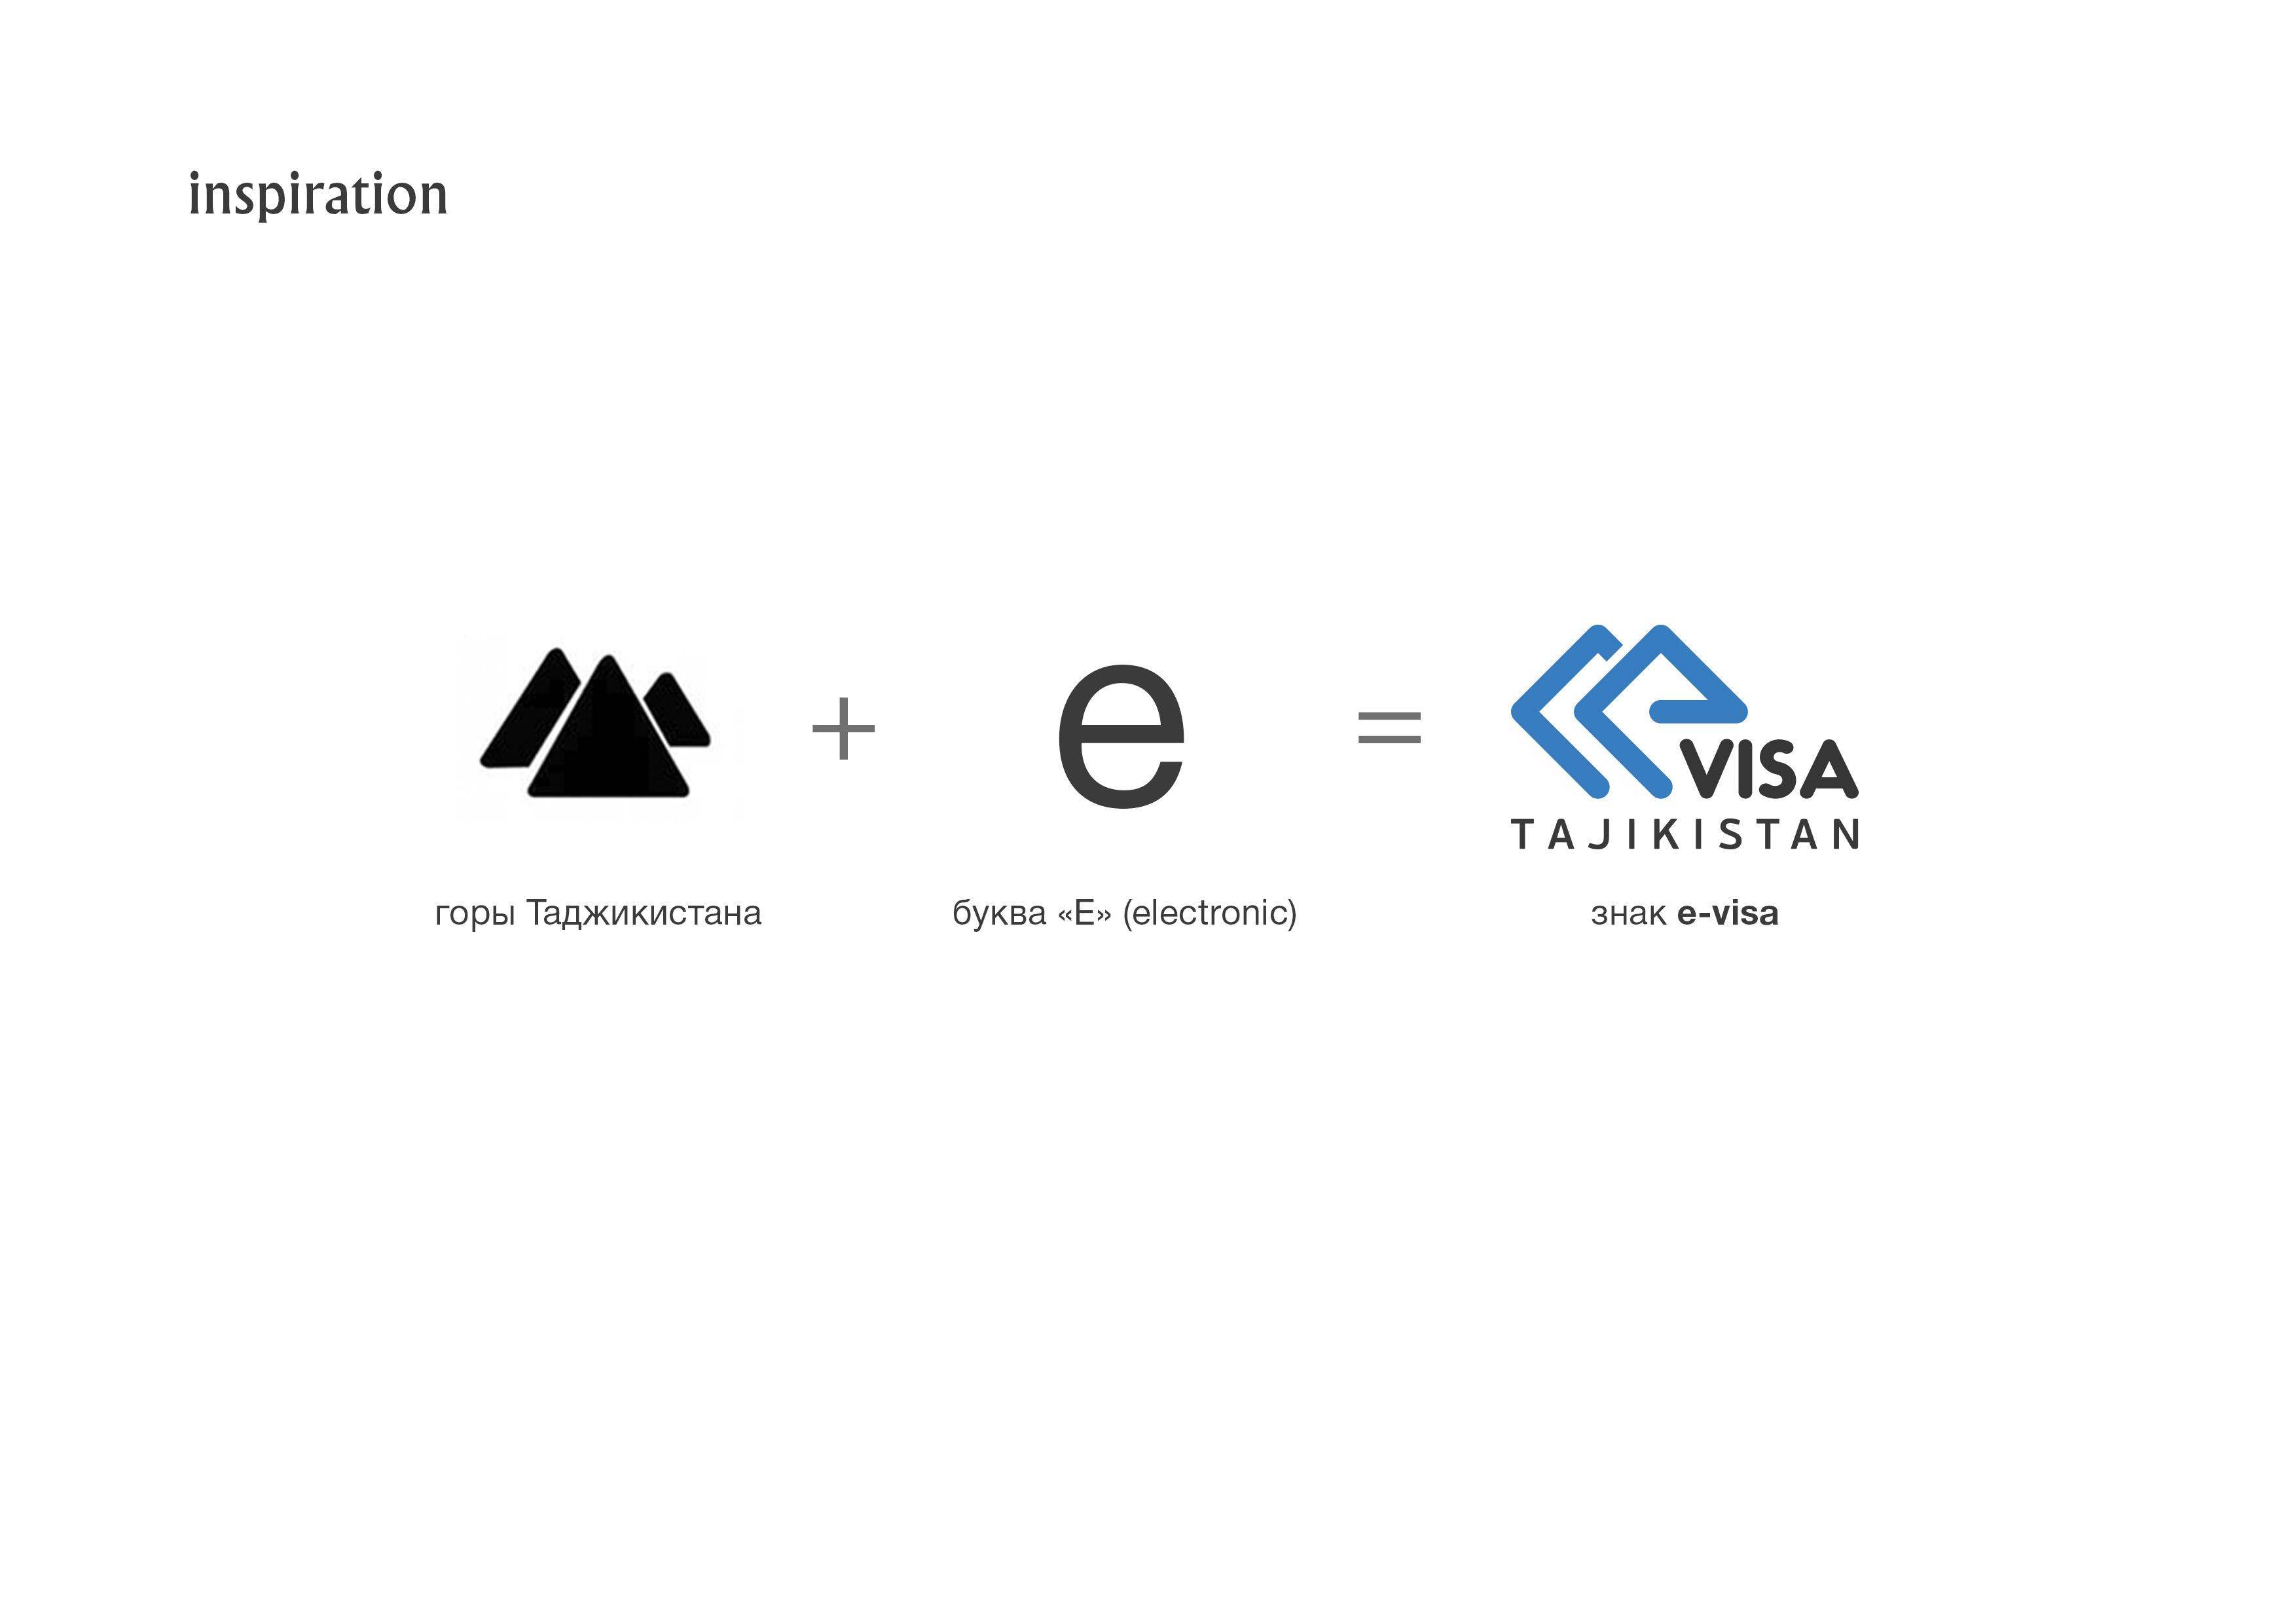 e-visa logo presentation2